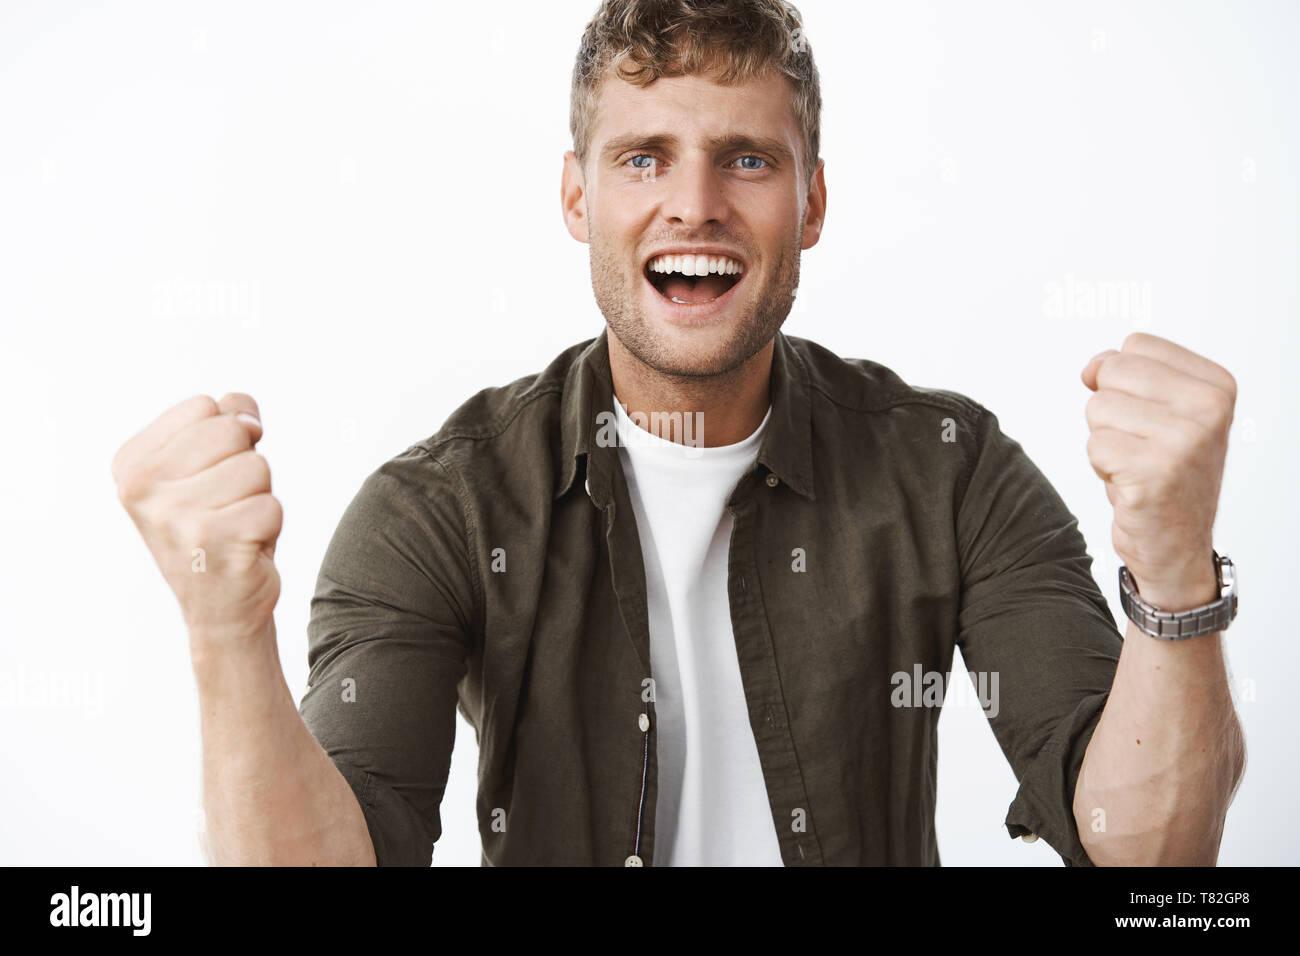 Yo creo en ti. Retrato de vítores de apoyo guapo con ojos azules y amplia sonrisa blanca intentando alentar amigo aprietan puños en victoria Imagen De Stock